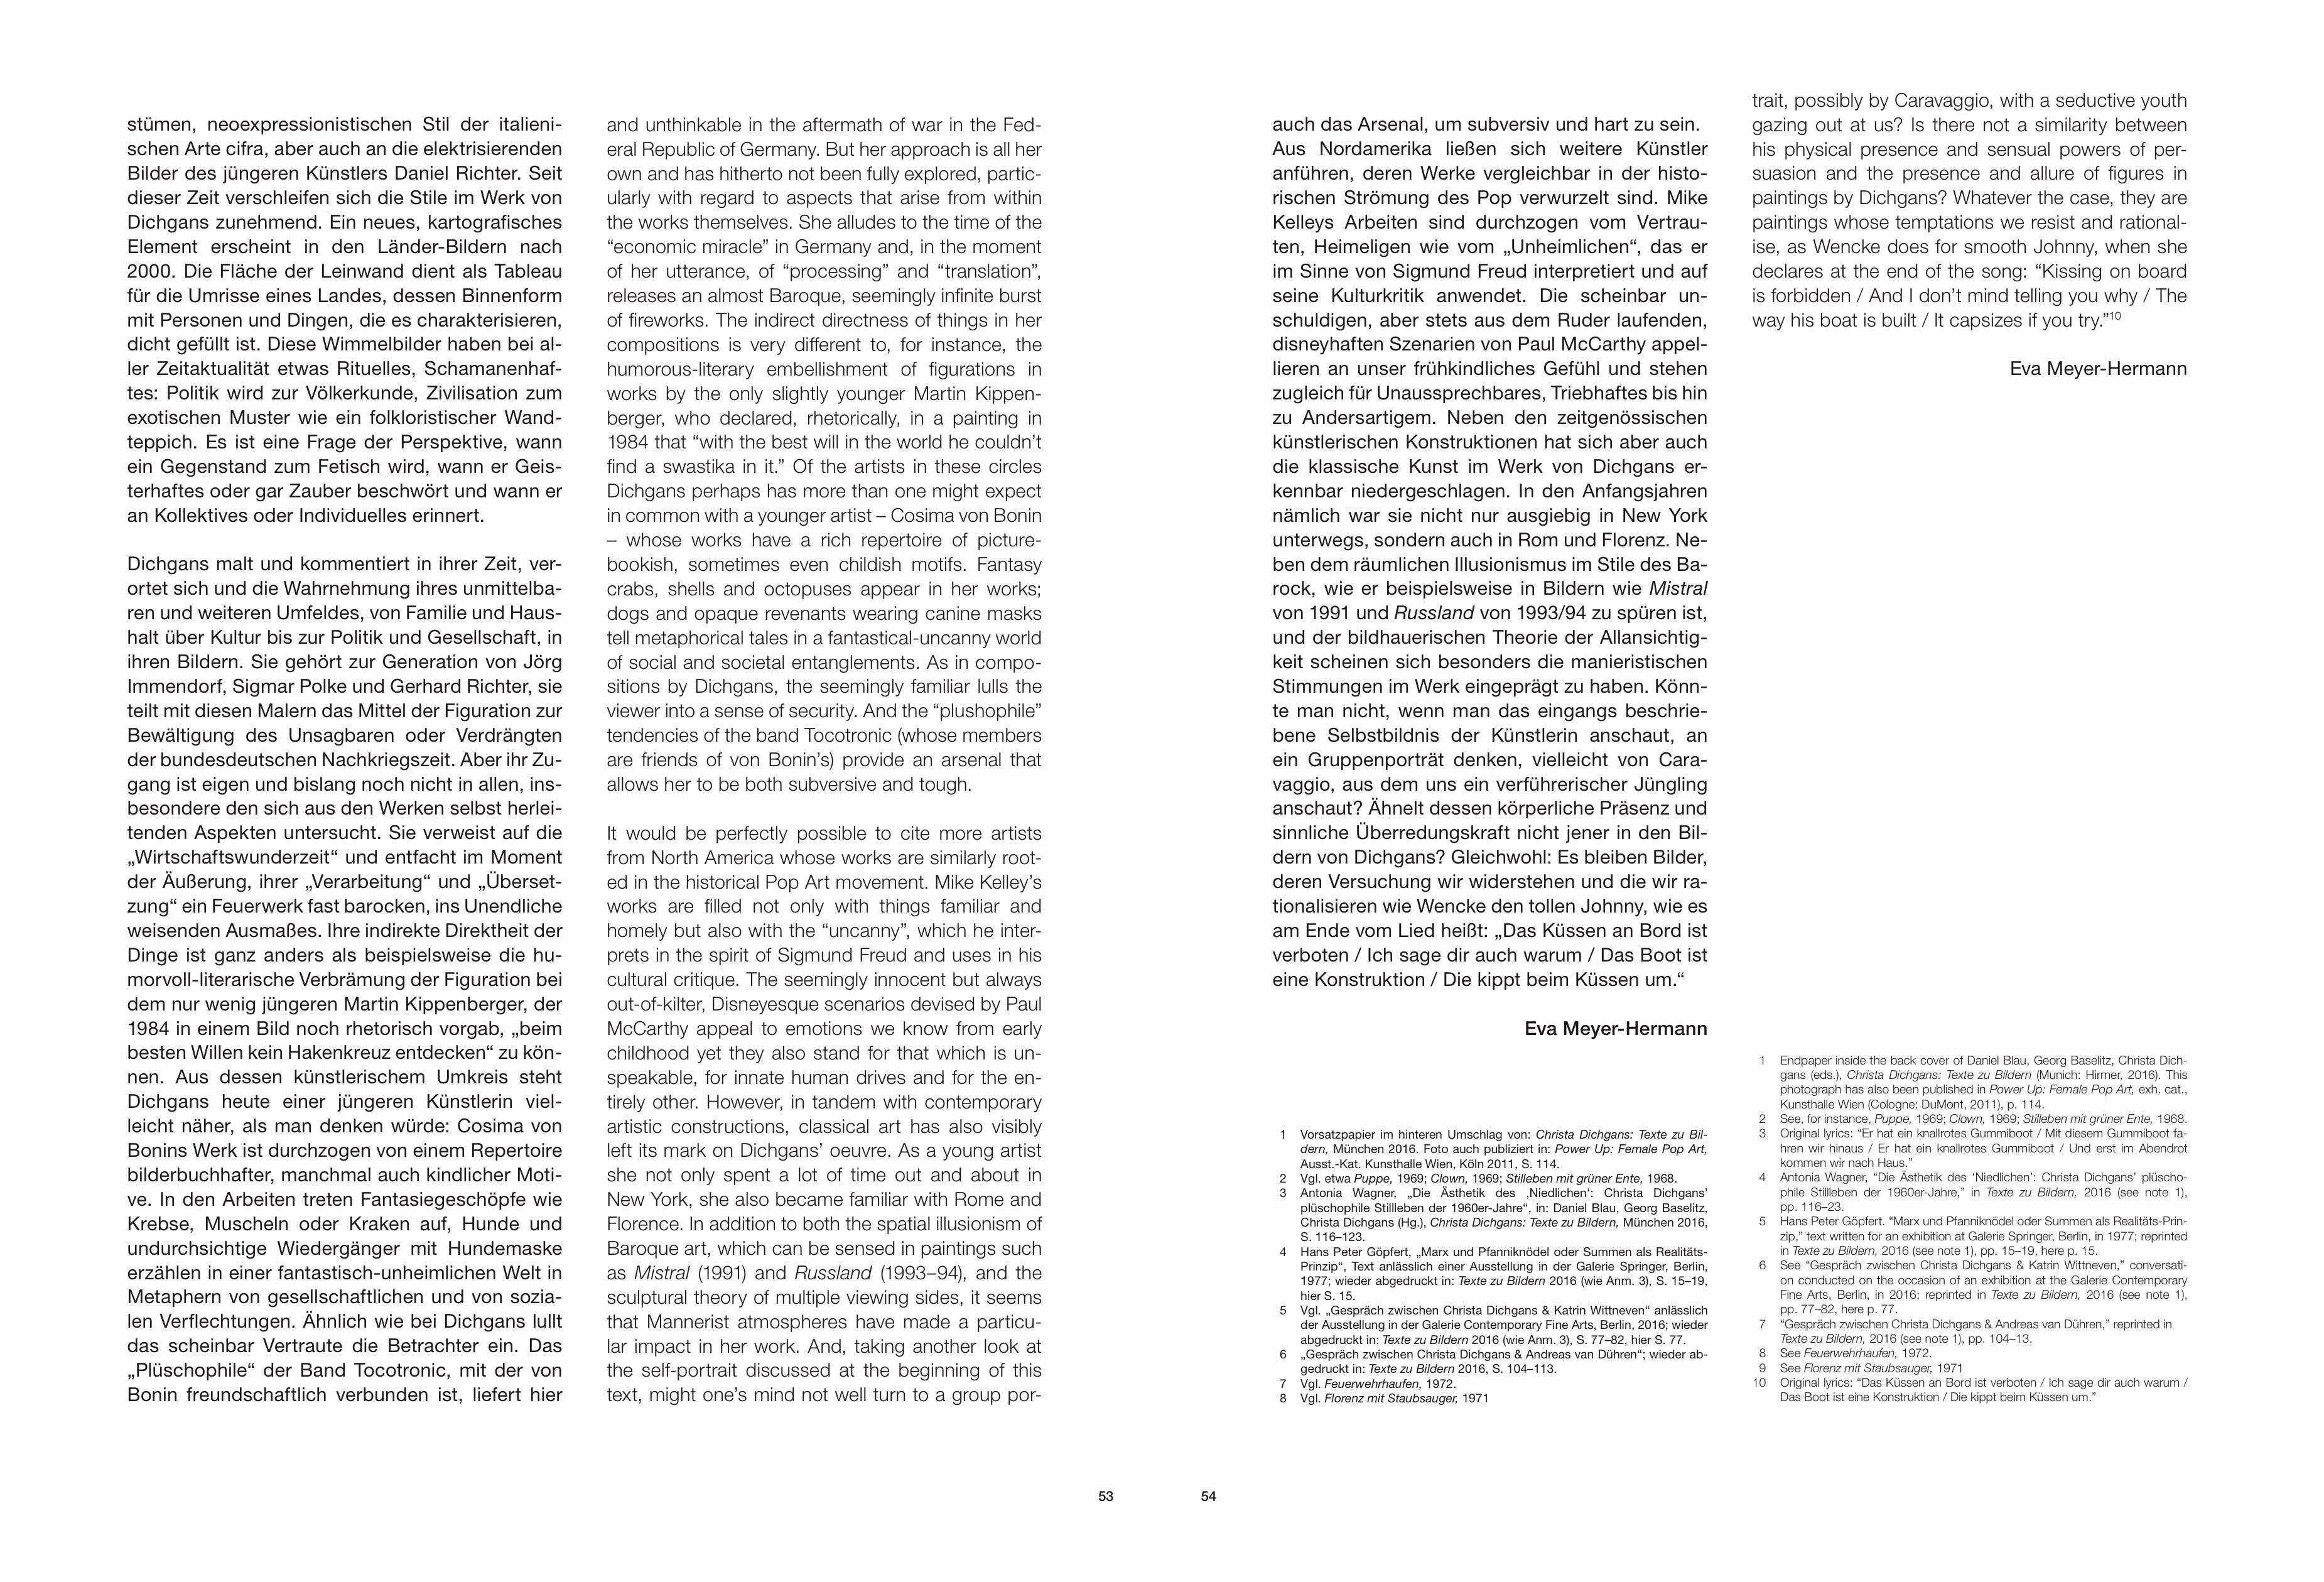 Seiten 53 54